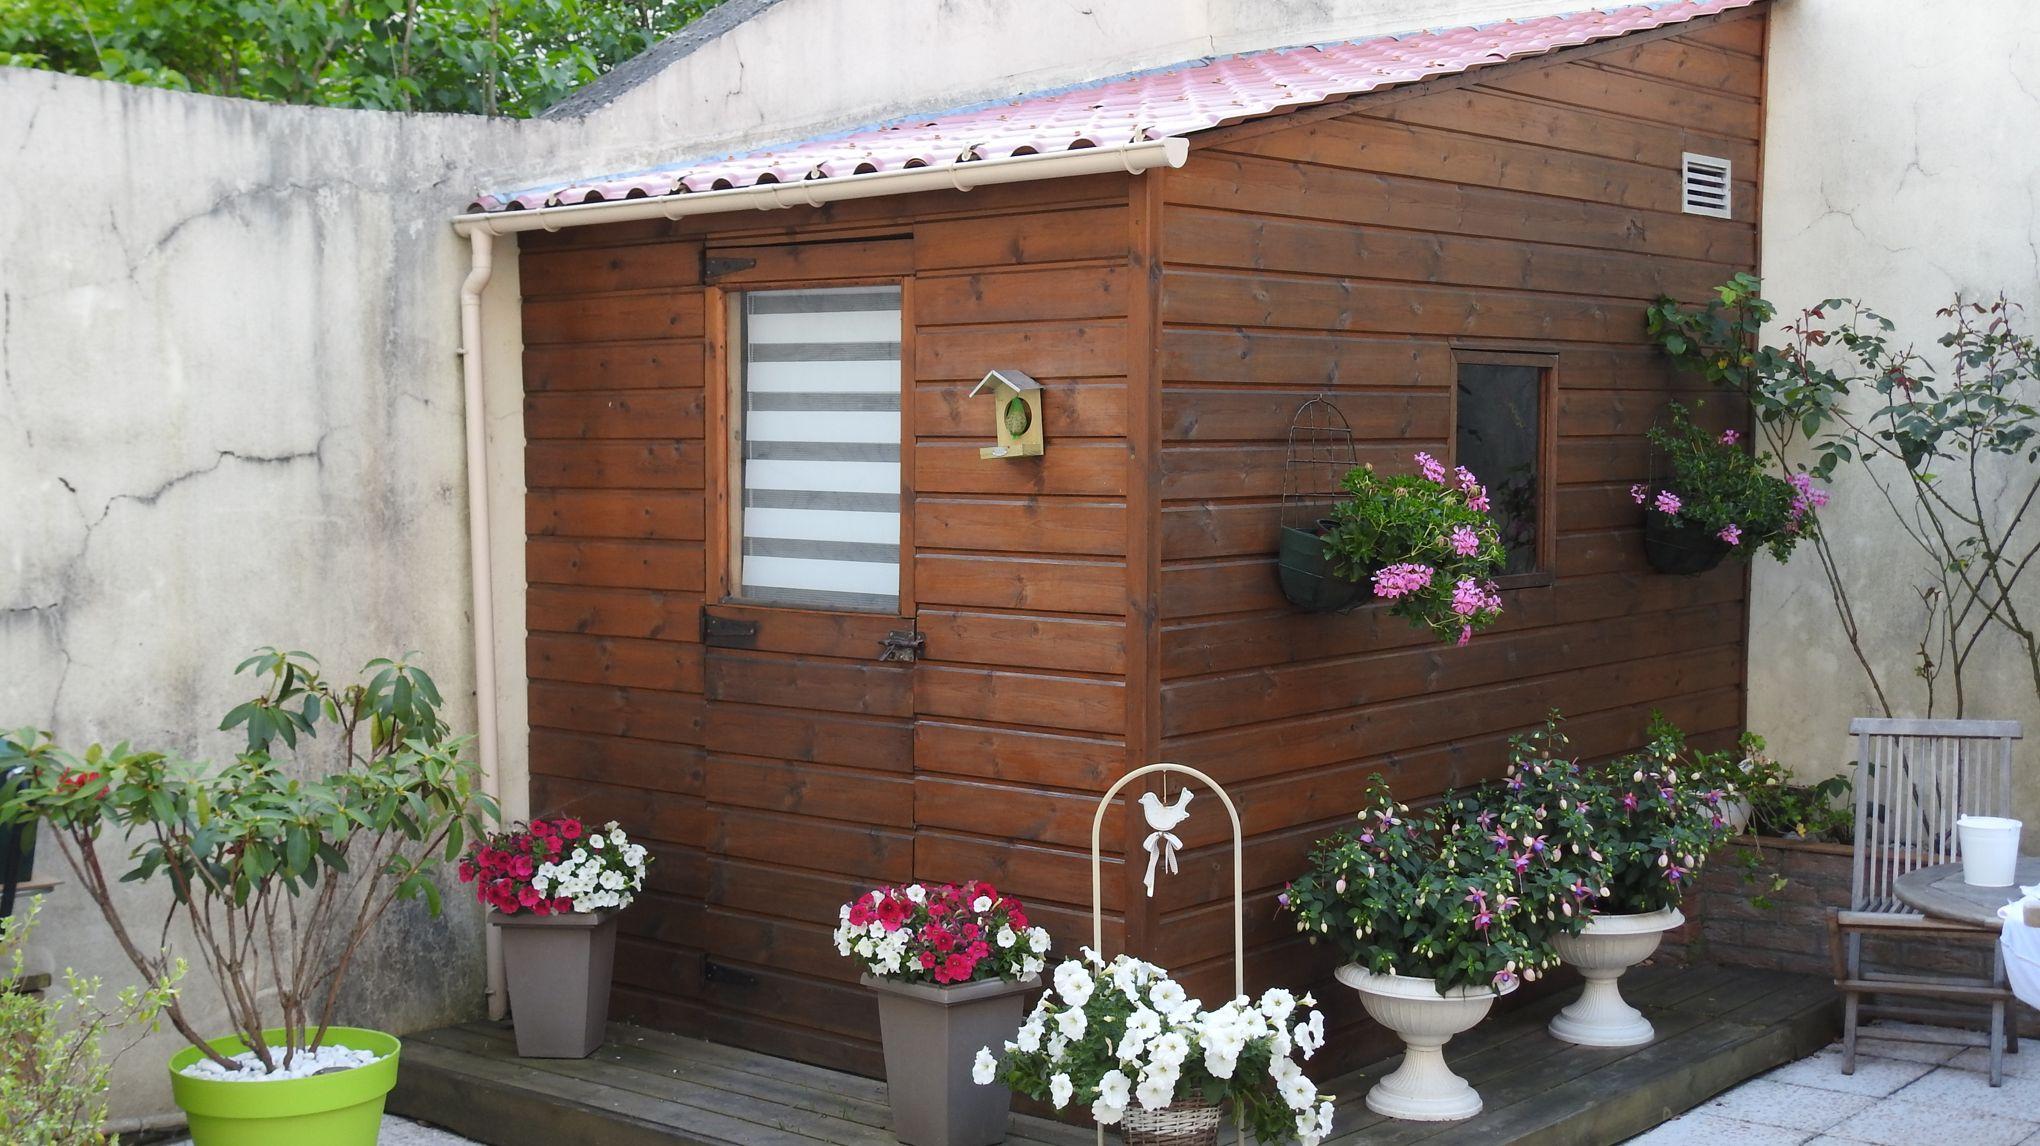 Et Si Vous Faisiez Construire Un Abri De Jardin? intérieur Cabane Outils De Jardin